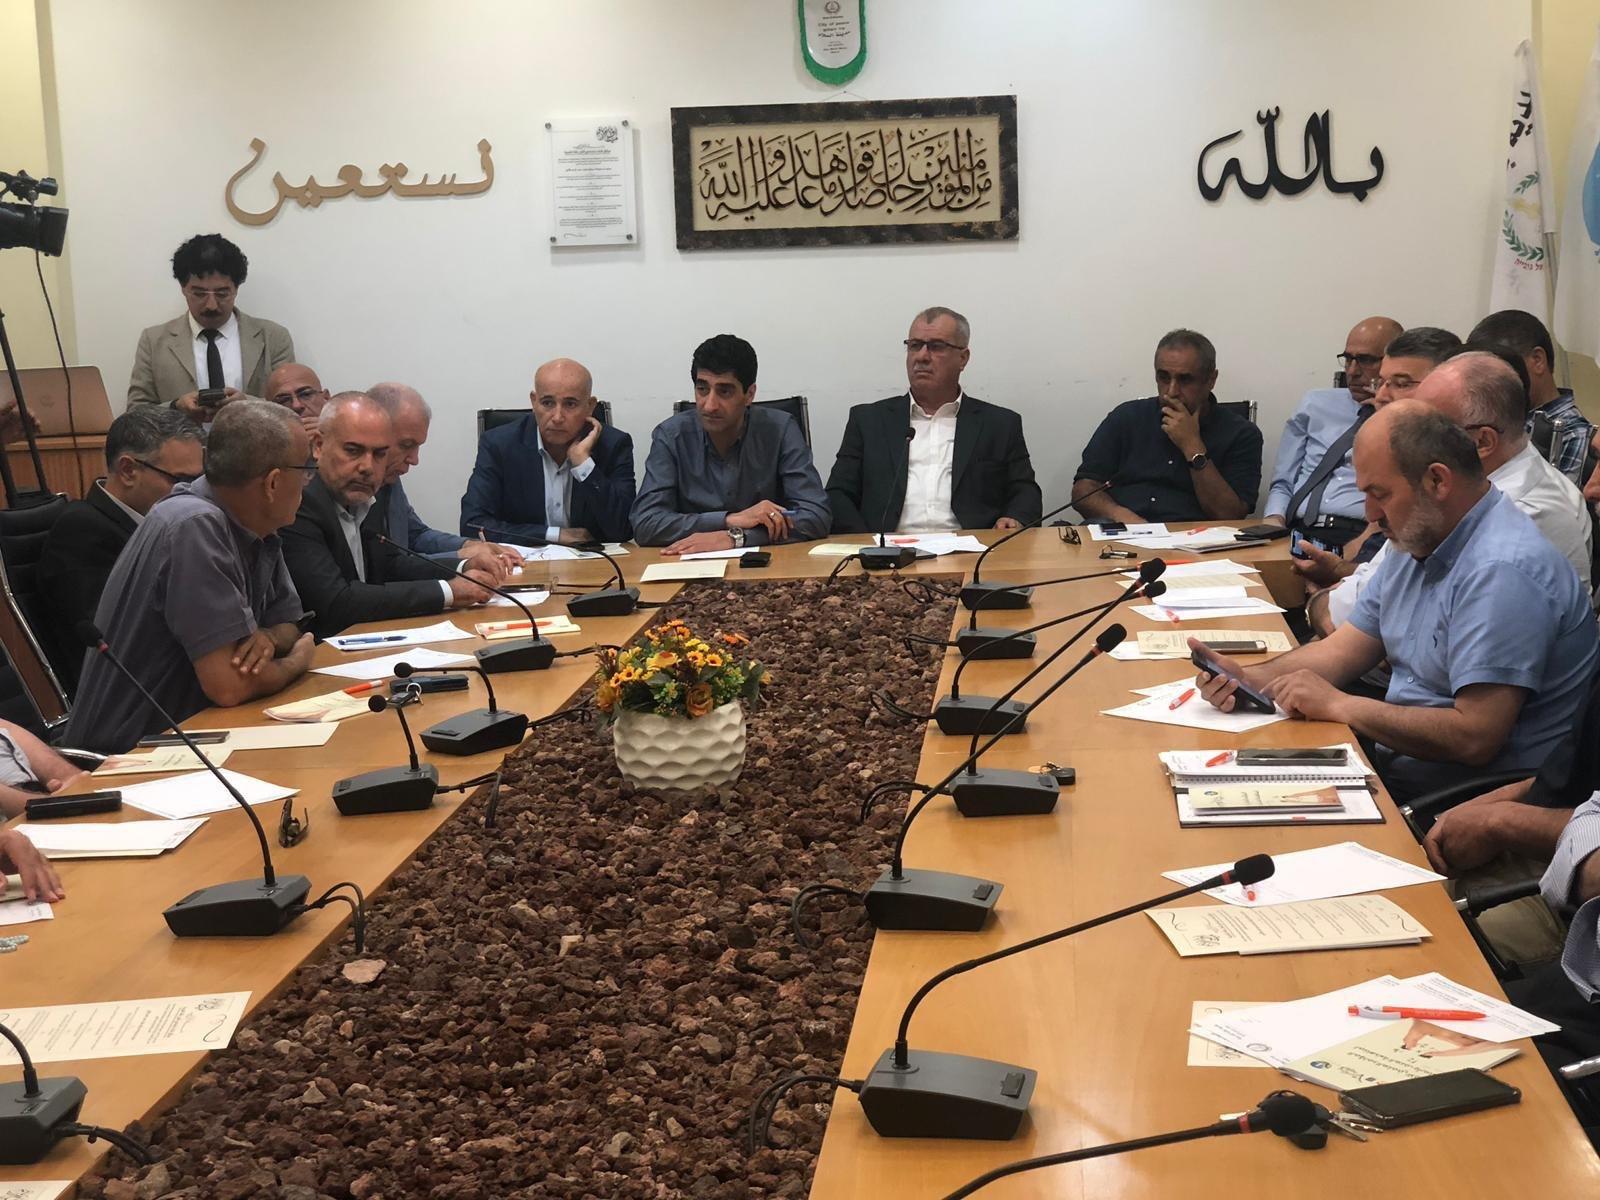 باقة الغربيّة: انعقاد جلسة طارئة في البلديّة لبحث العنف